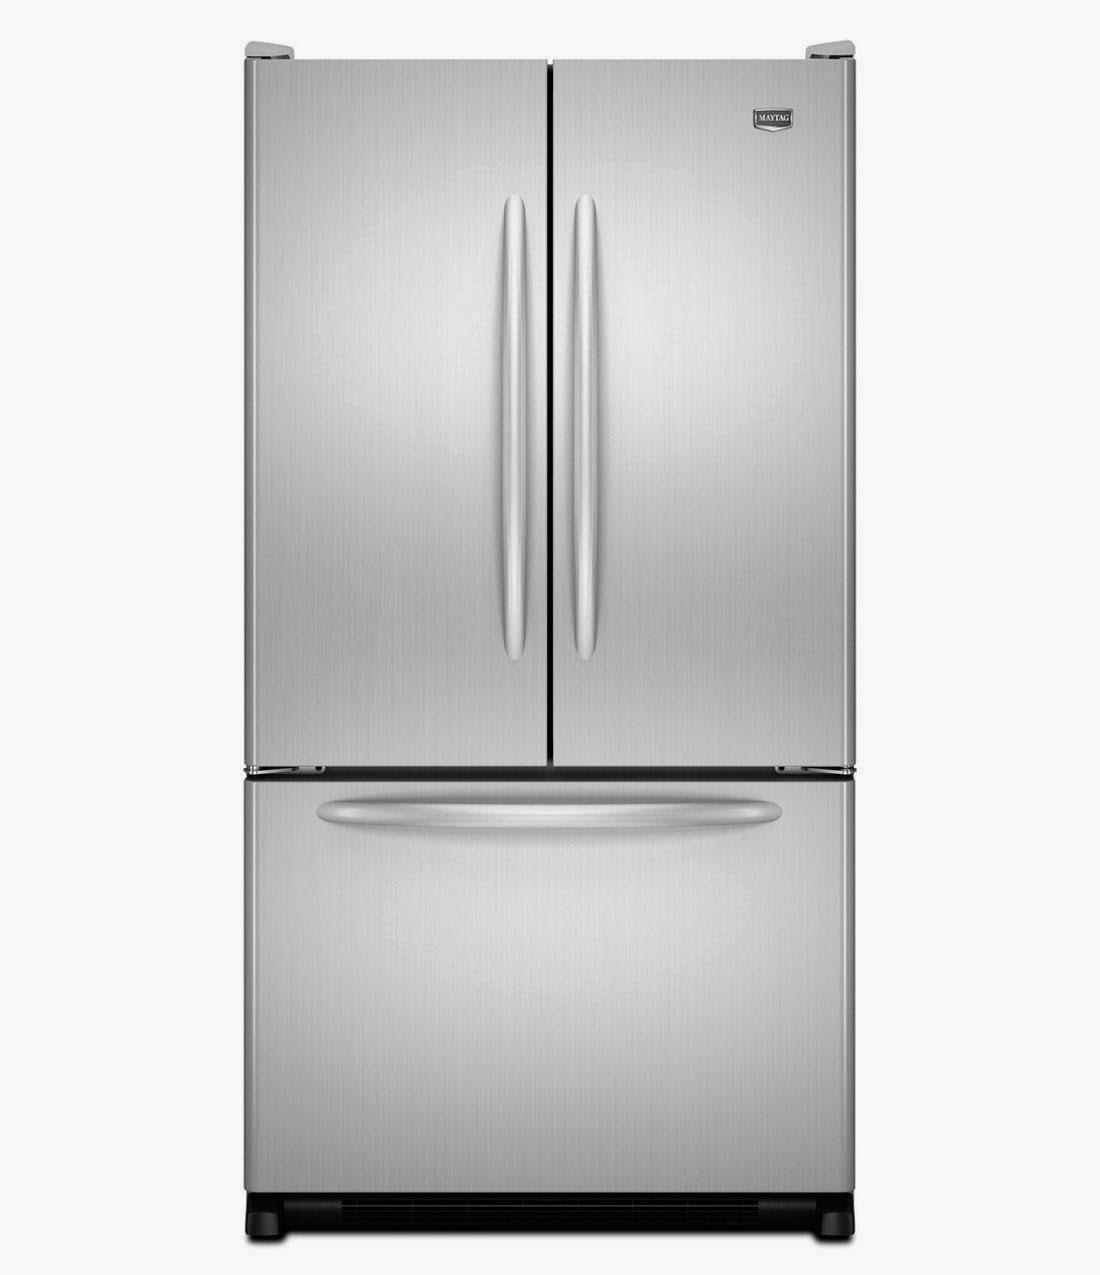 Counter Depth Refrigerators French Door: Counter Depth Refrigerators Reviews: Counter Depth French